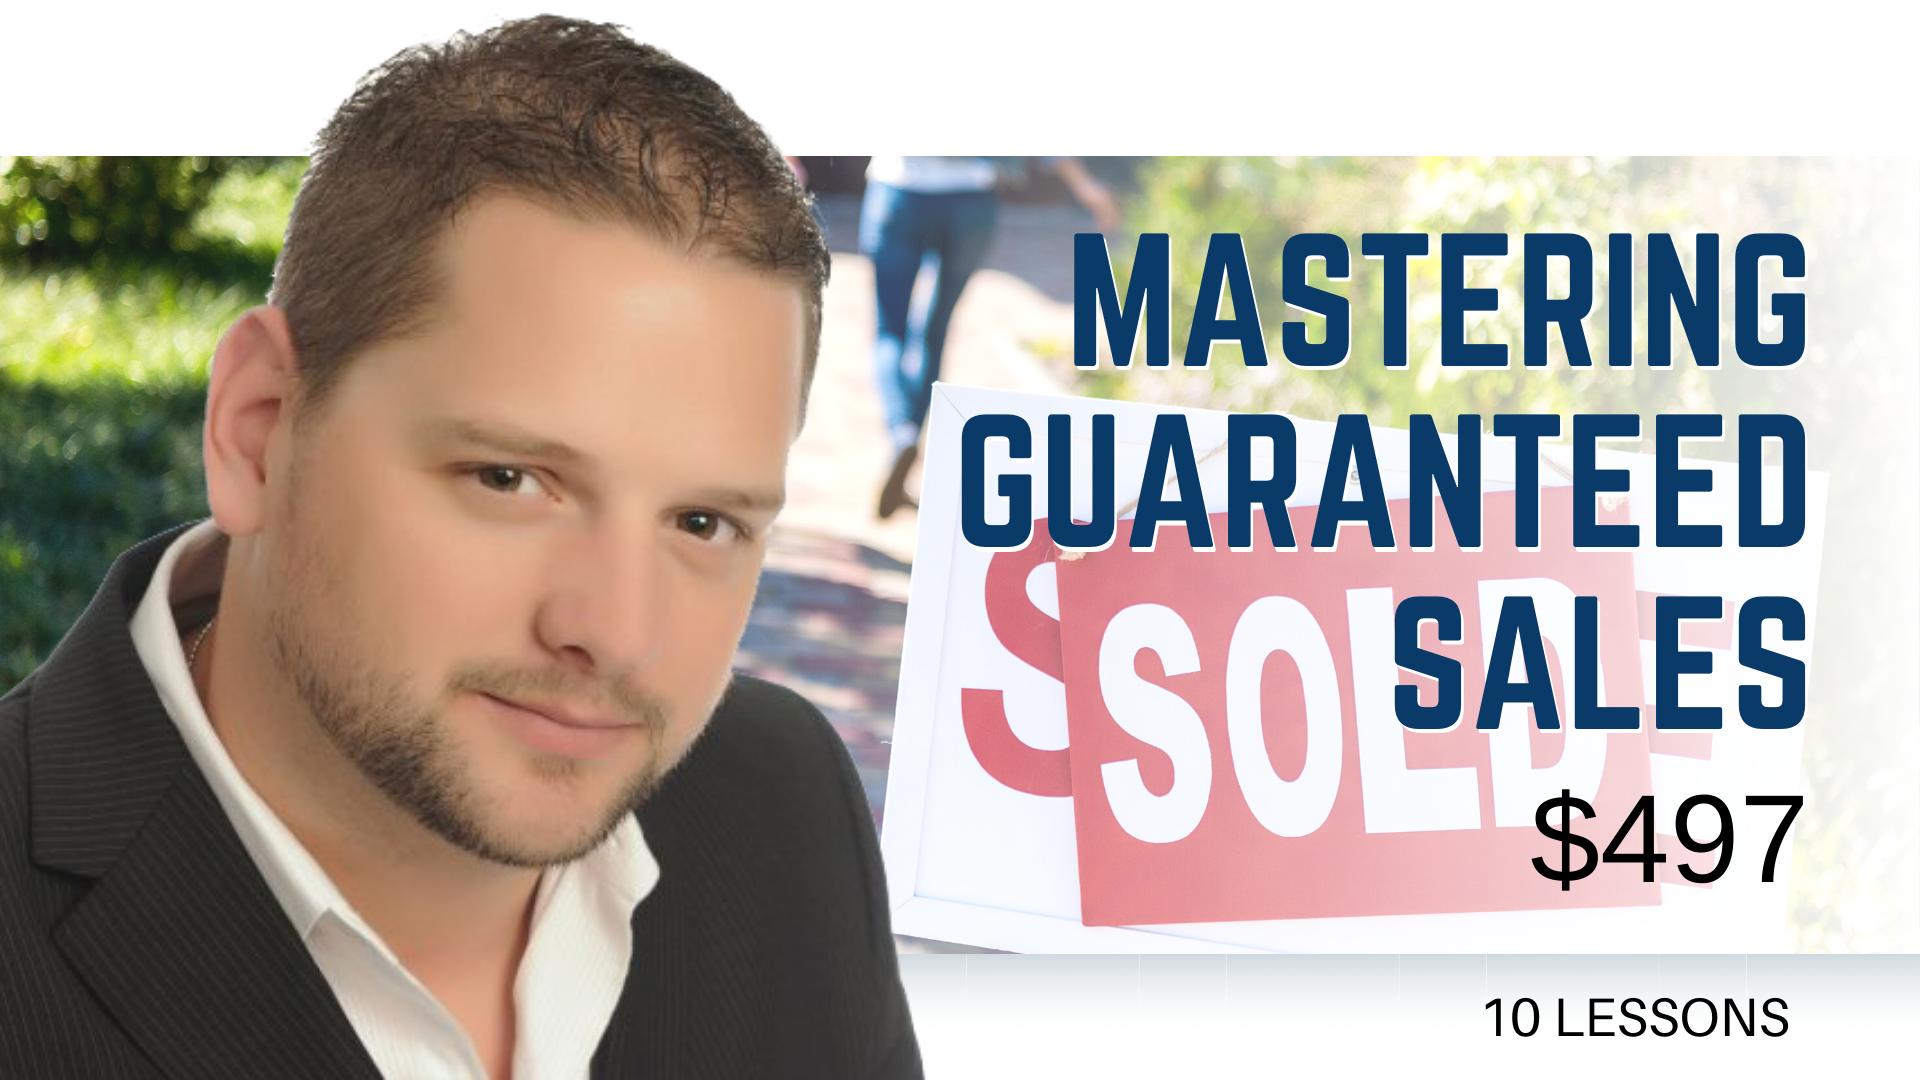 Mastering Guaranteed Sales